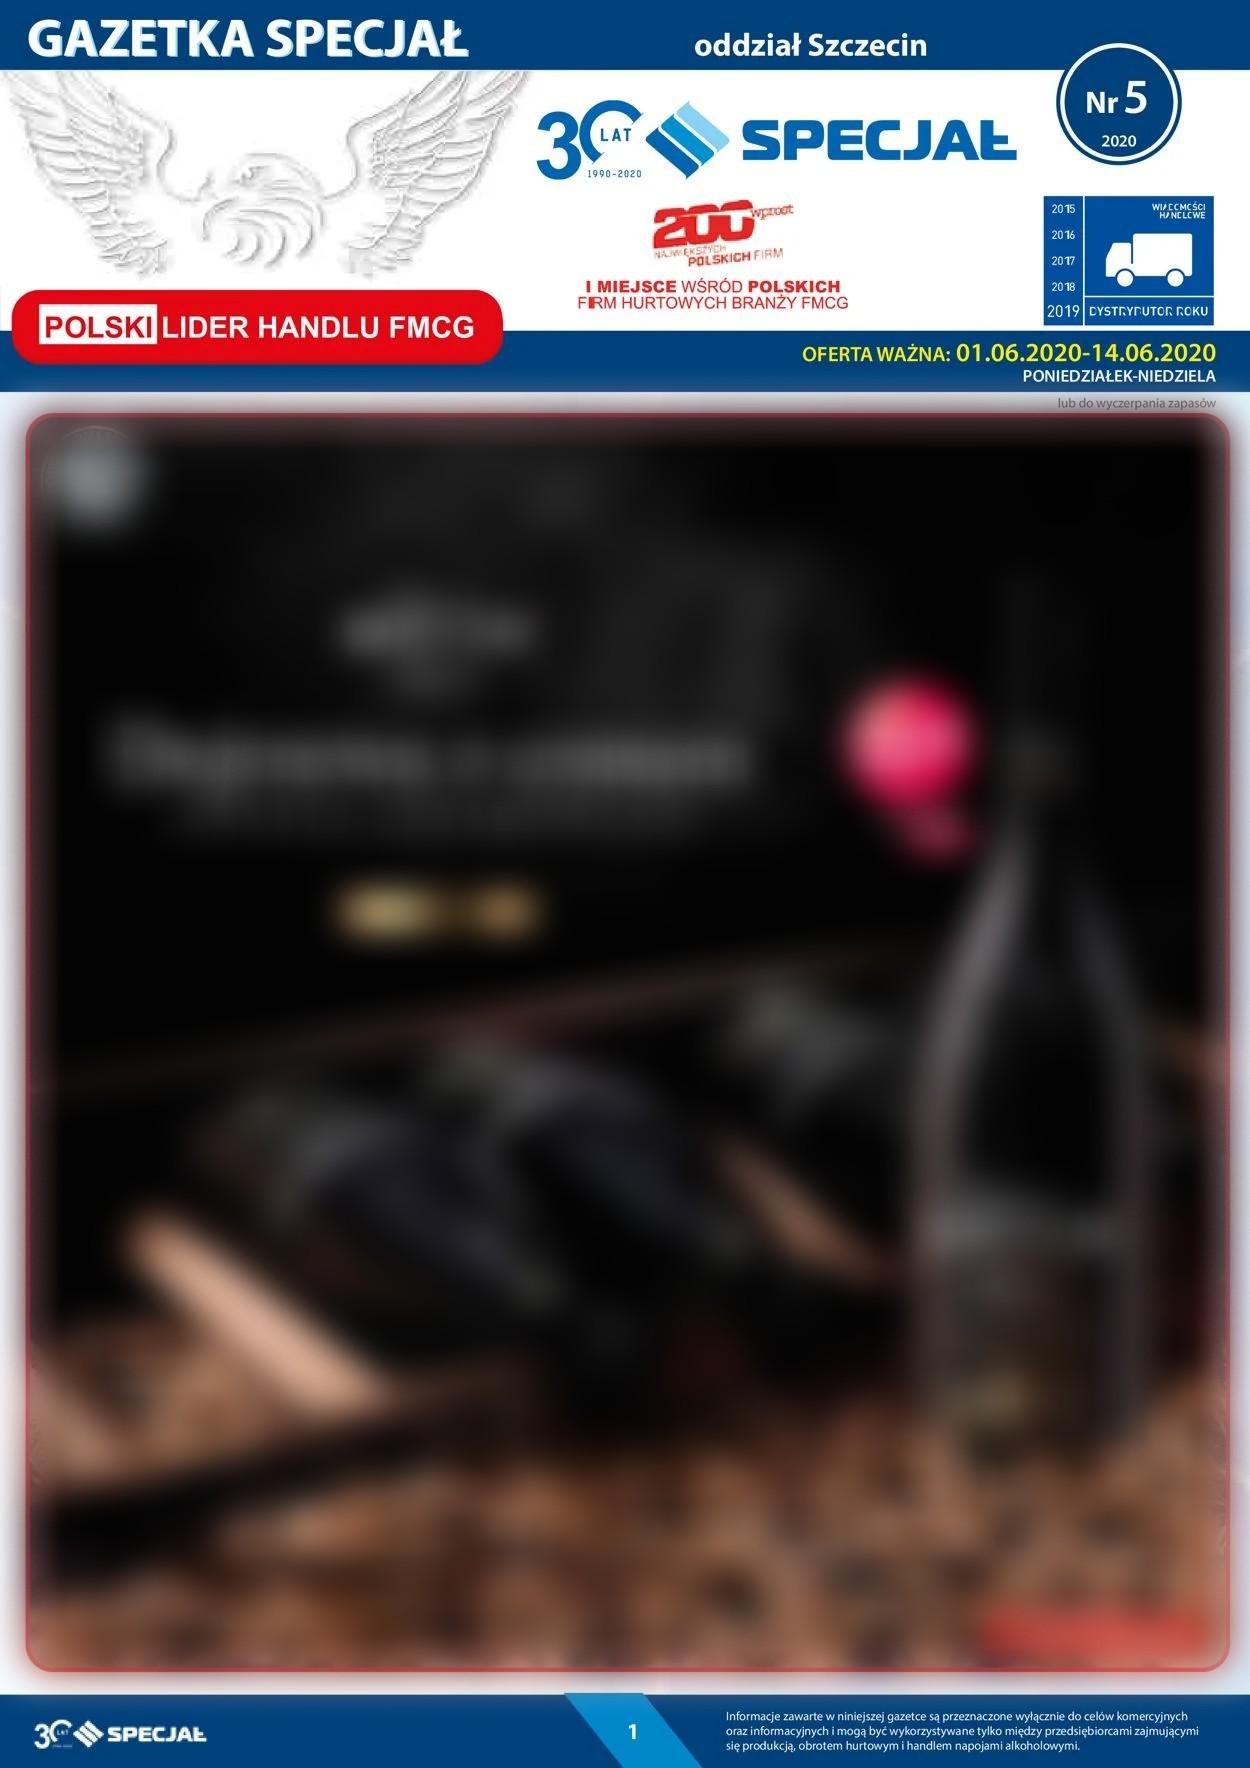 Gazetka promocyjna Specjał - 01.06-14.06.2020